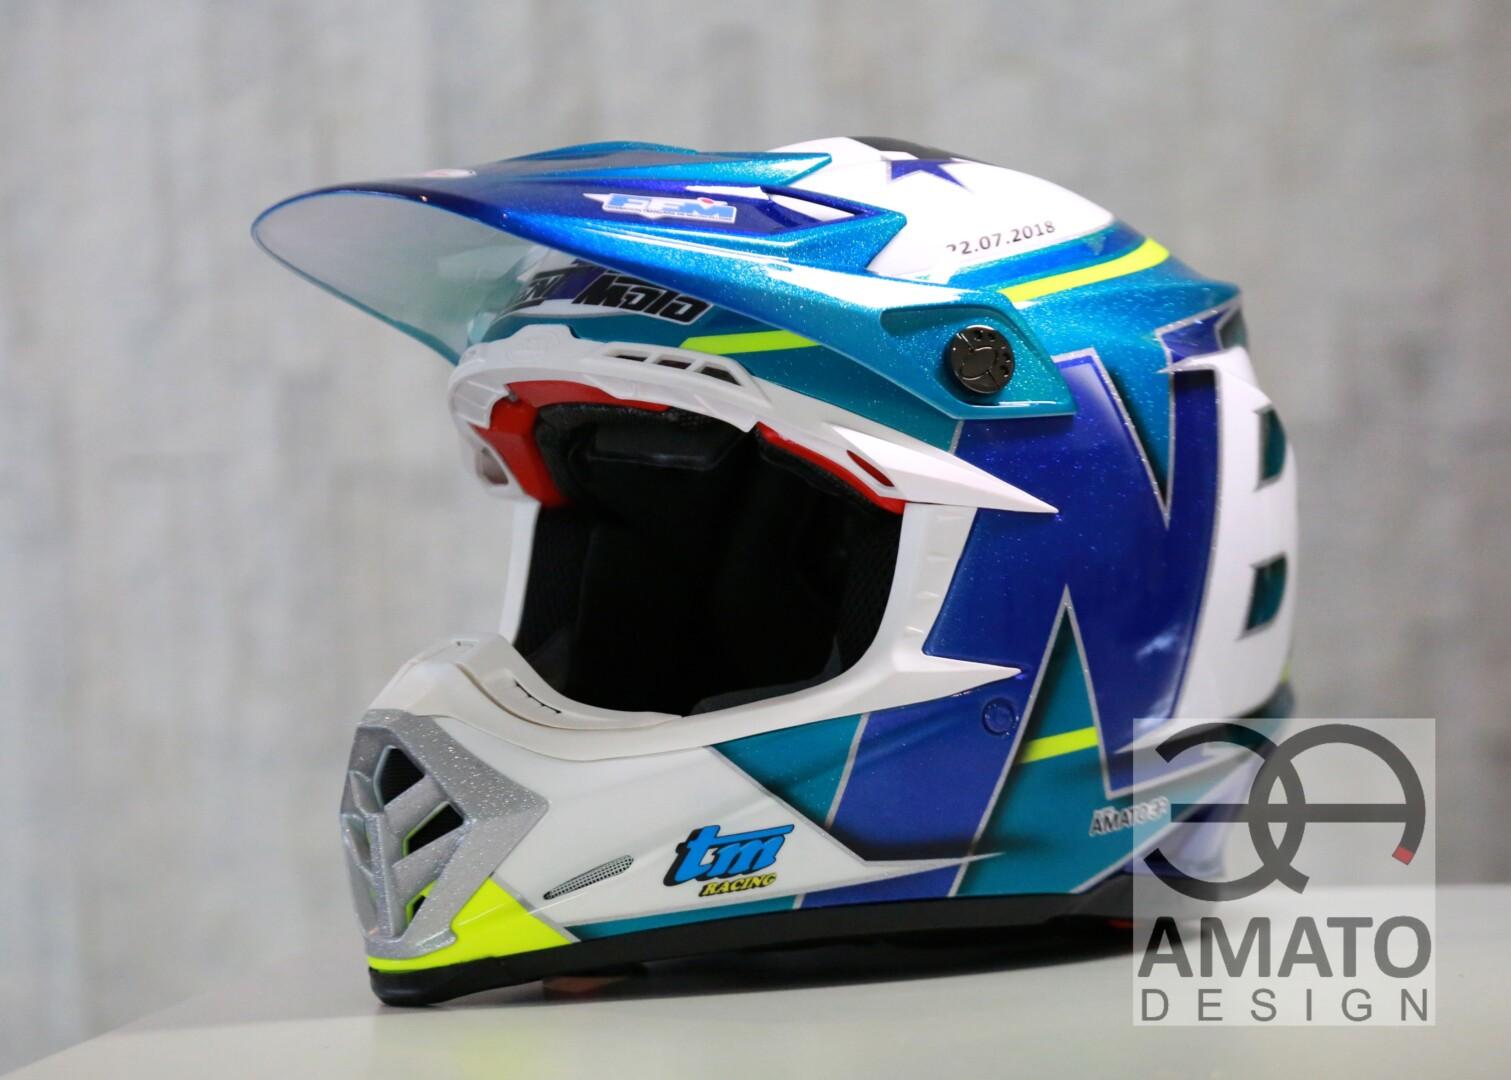 Casque conçu et réalisé par AMATO DESIGN pour Nathan BERERD, pilote motocross courant en championnat de France et international.